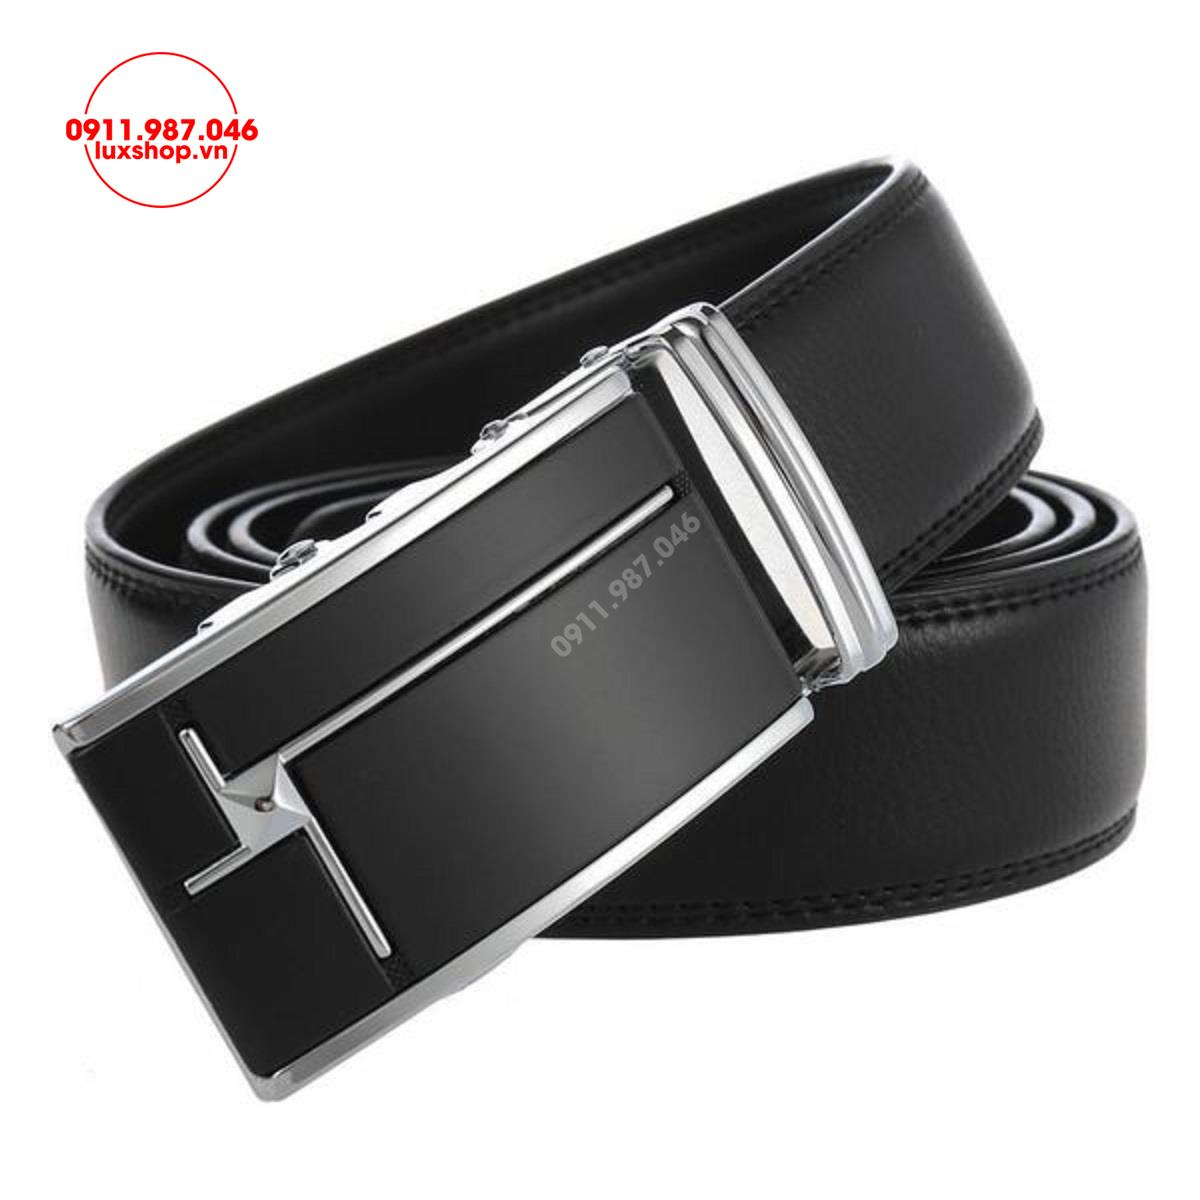 Thắt lưng nam da bò 2 lớp đầu khóa tự động hợp kim cao cấp (3.5cm x 115 - 125cm) - L101974